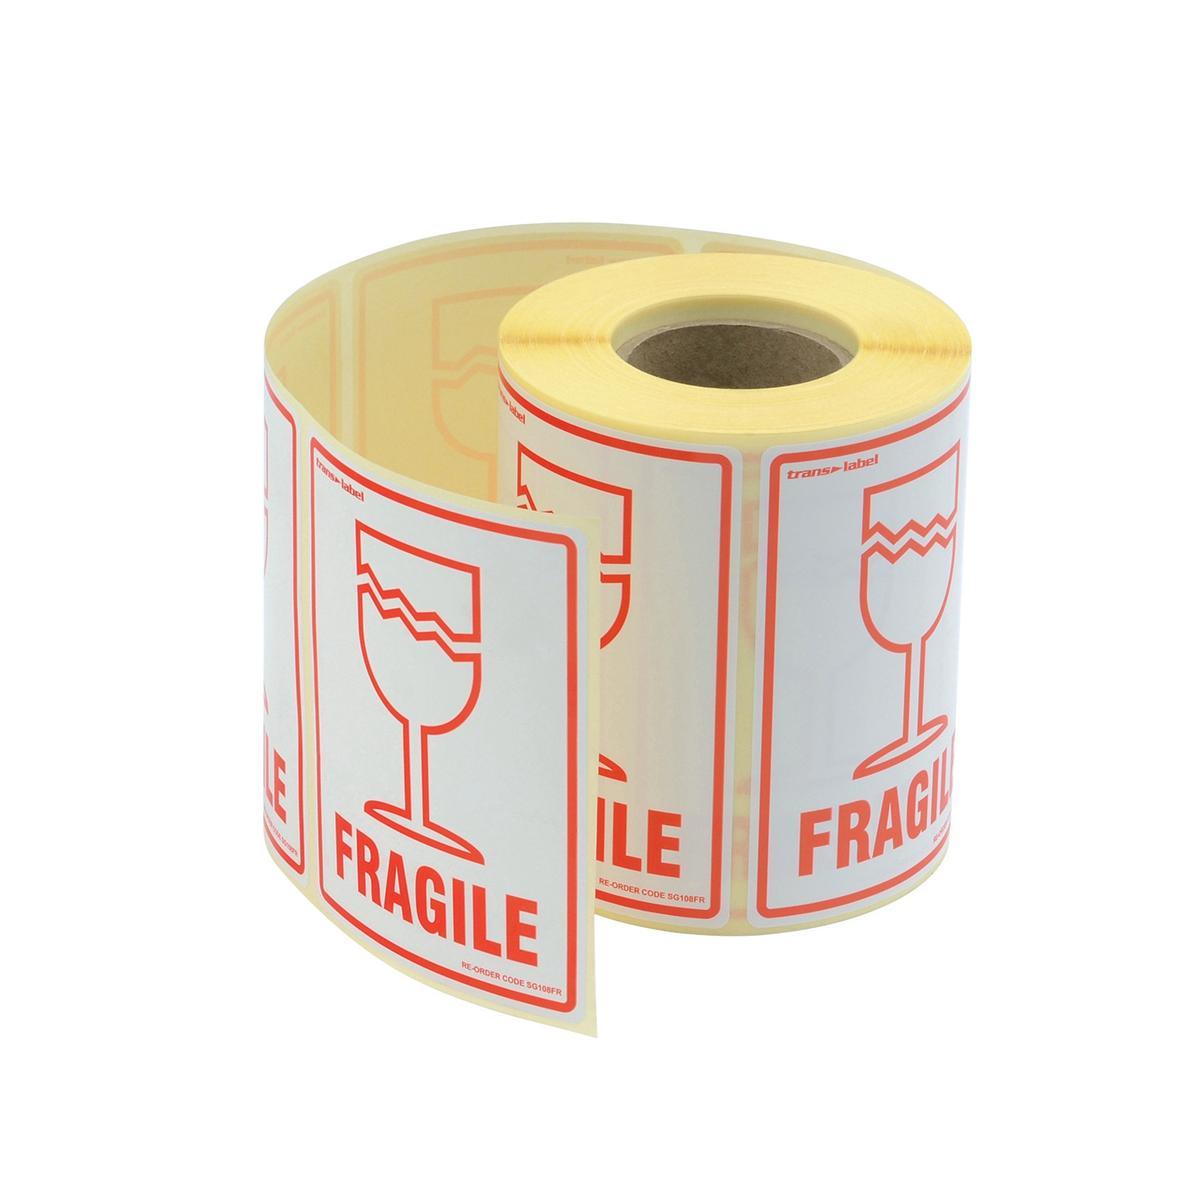 Image for Parcel Labels Fragile 108x79mm on Roll Diameter 210mm [500 Labels]